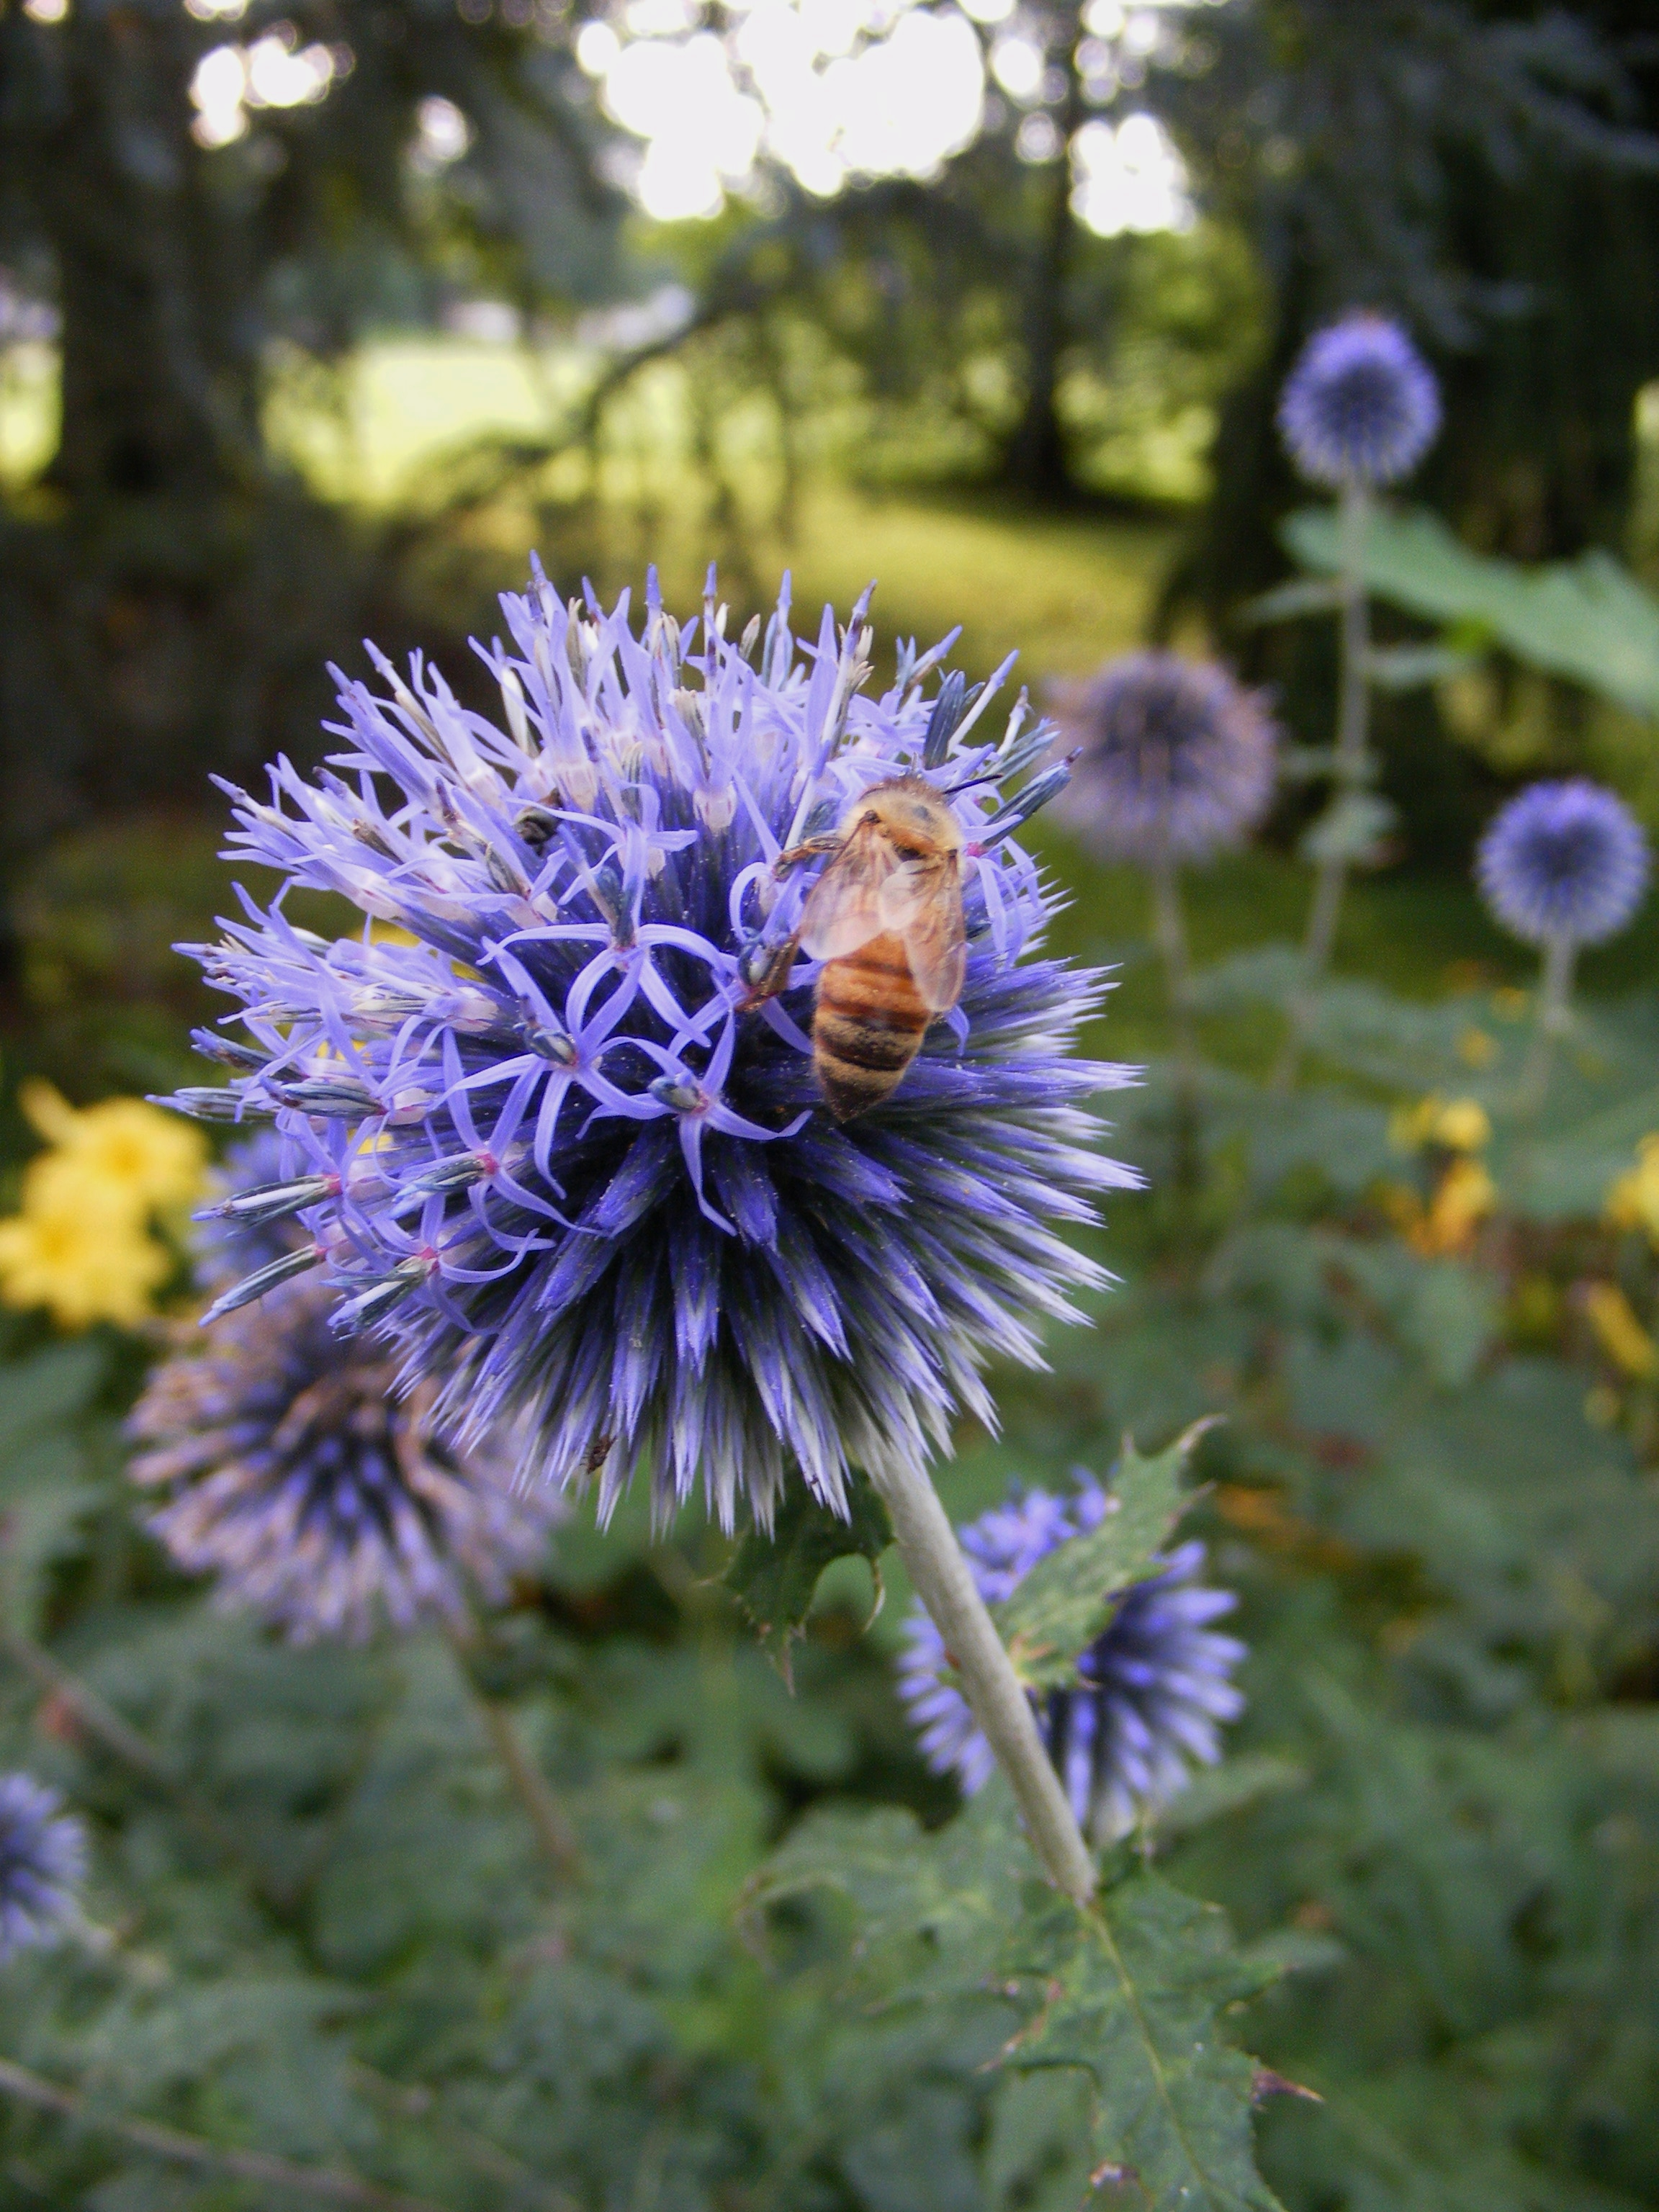 Echinops and a rare honeybee